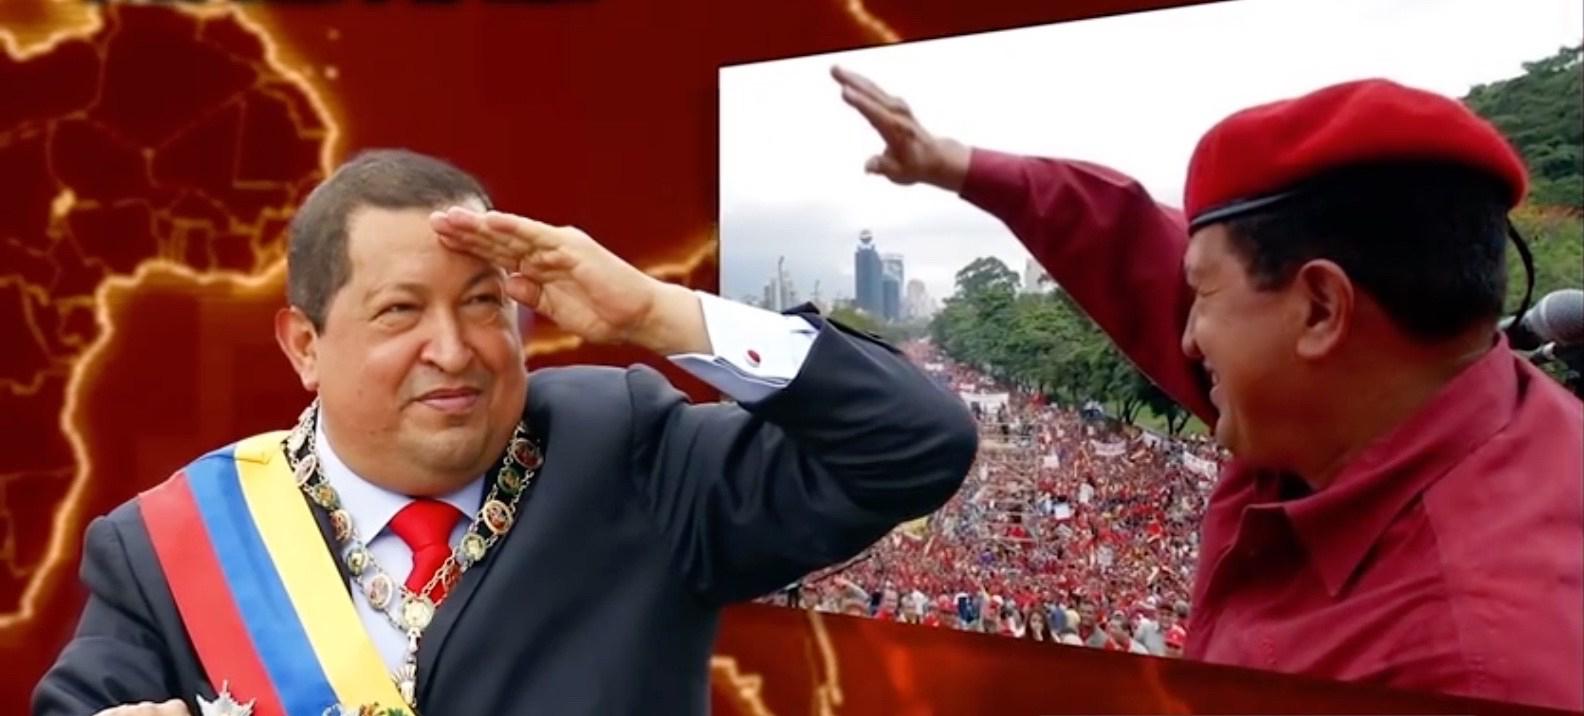 Hugo Chávez, que savait-il sur les Reptiliens ?